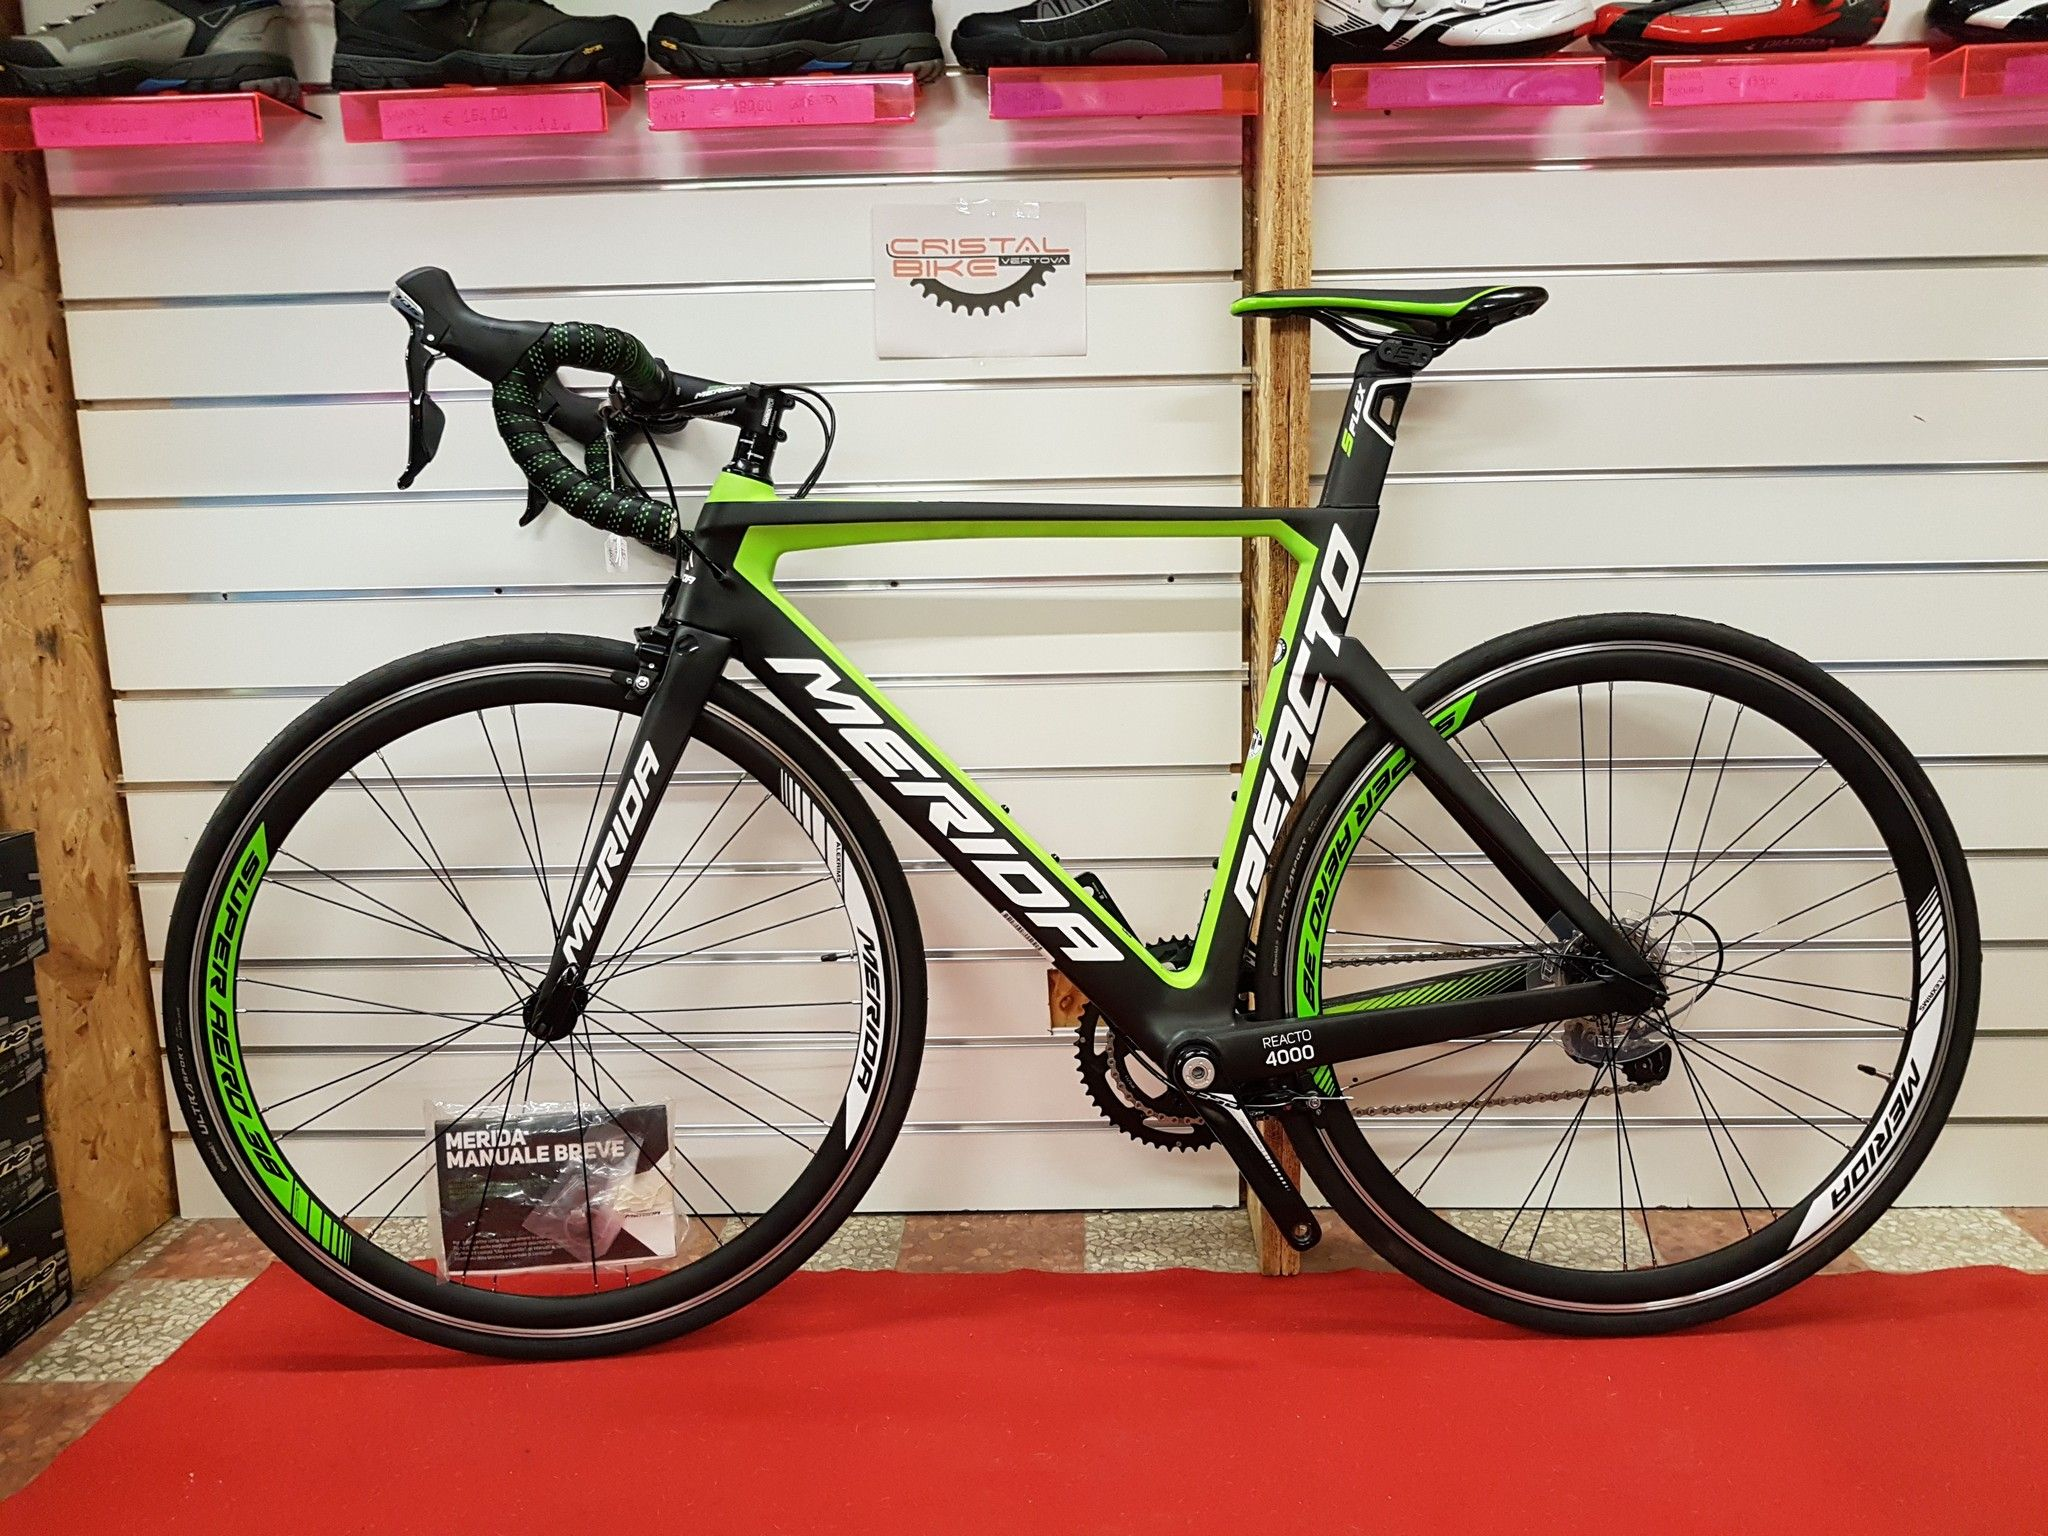 14 Bici Da Corsa Merida Reacto4000 Taglia Sm Usato E Fine Serie Shop Online Cristal Bike